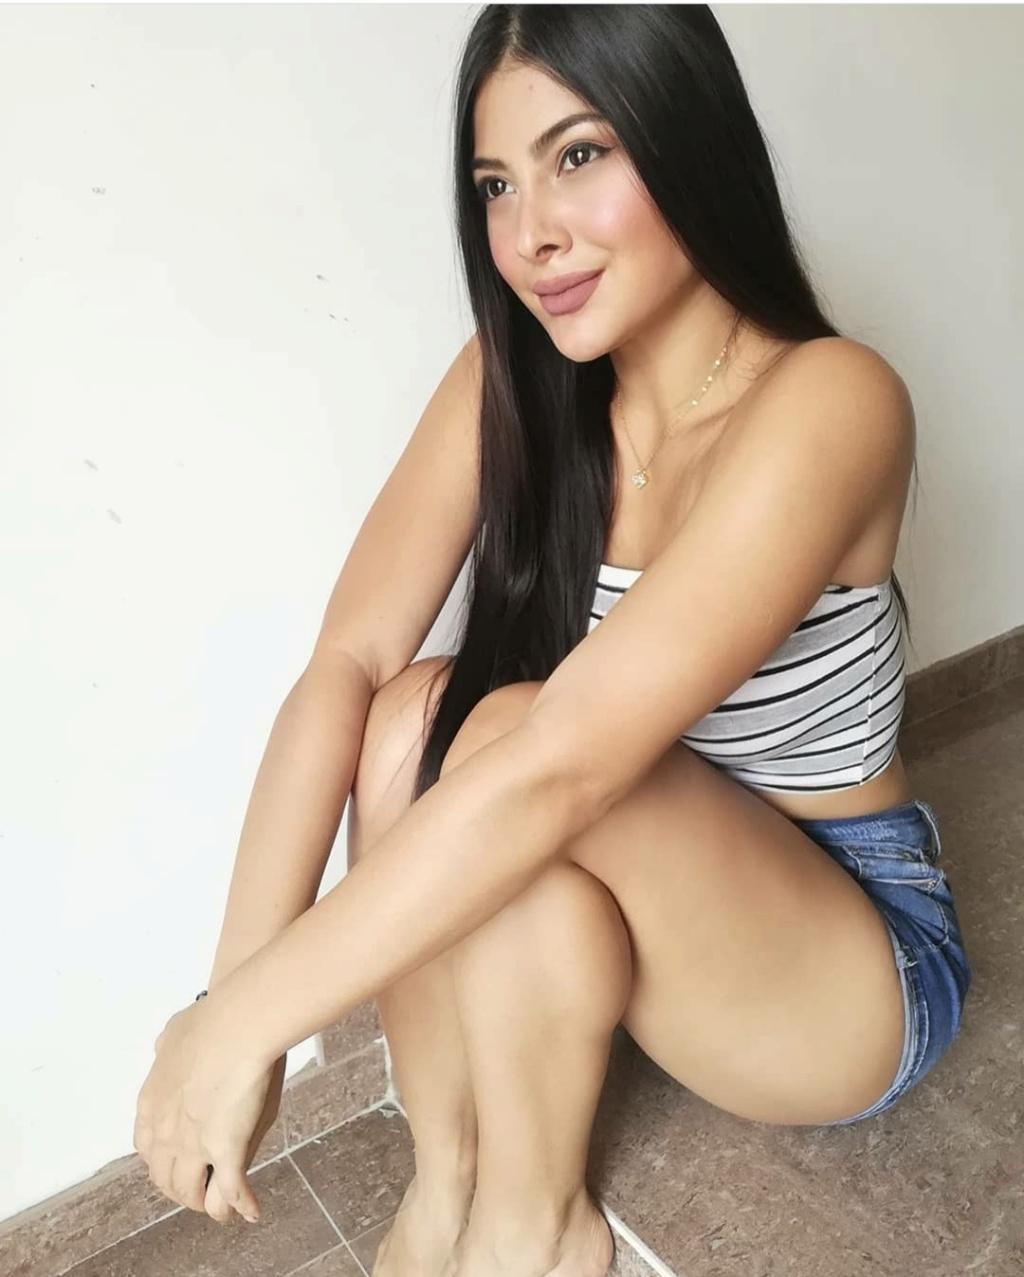 DEBATE sobre belleza, guapura y hermosura (fotos de chicas latinas, mestizas, y de todo) - VOL II - Página 2 Img_1007